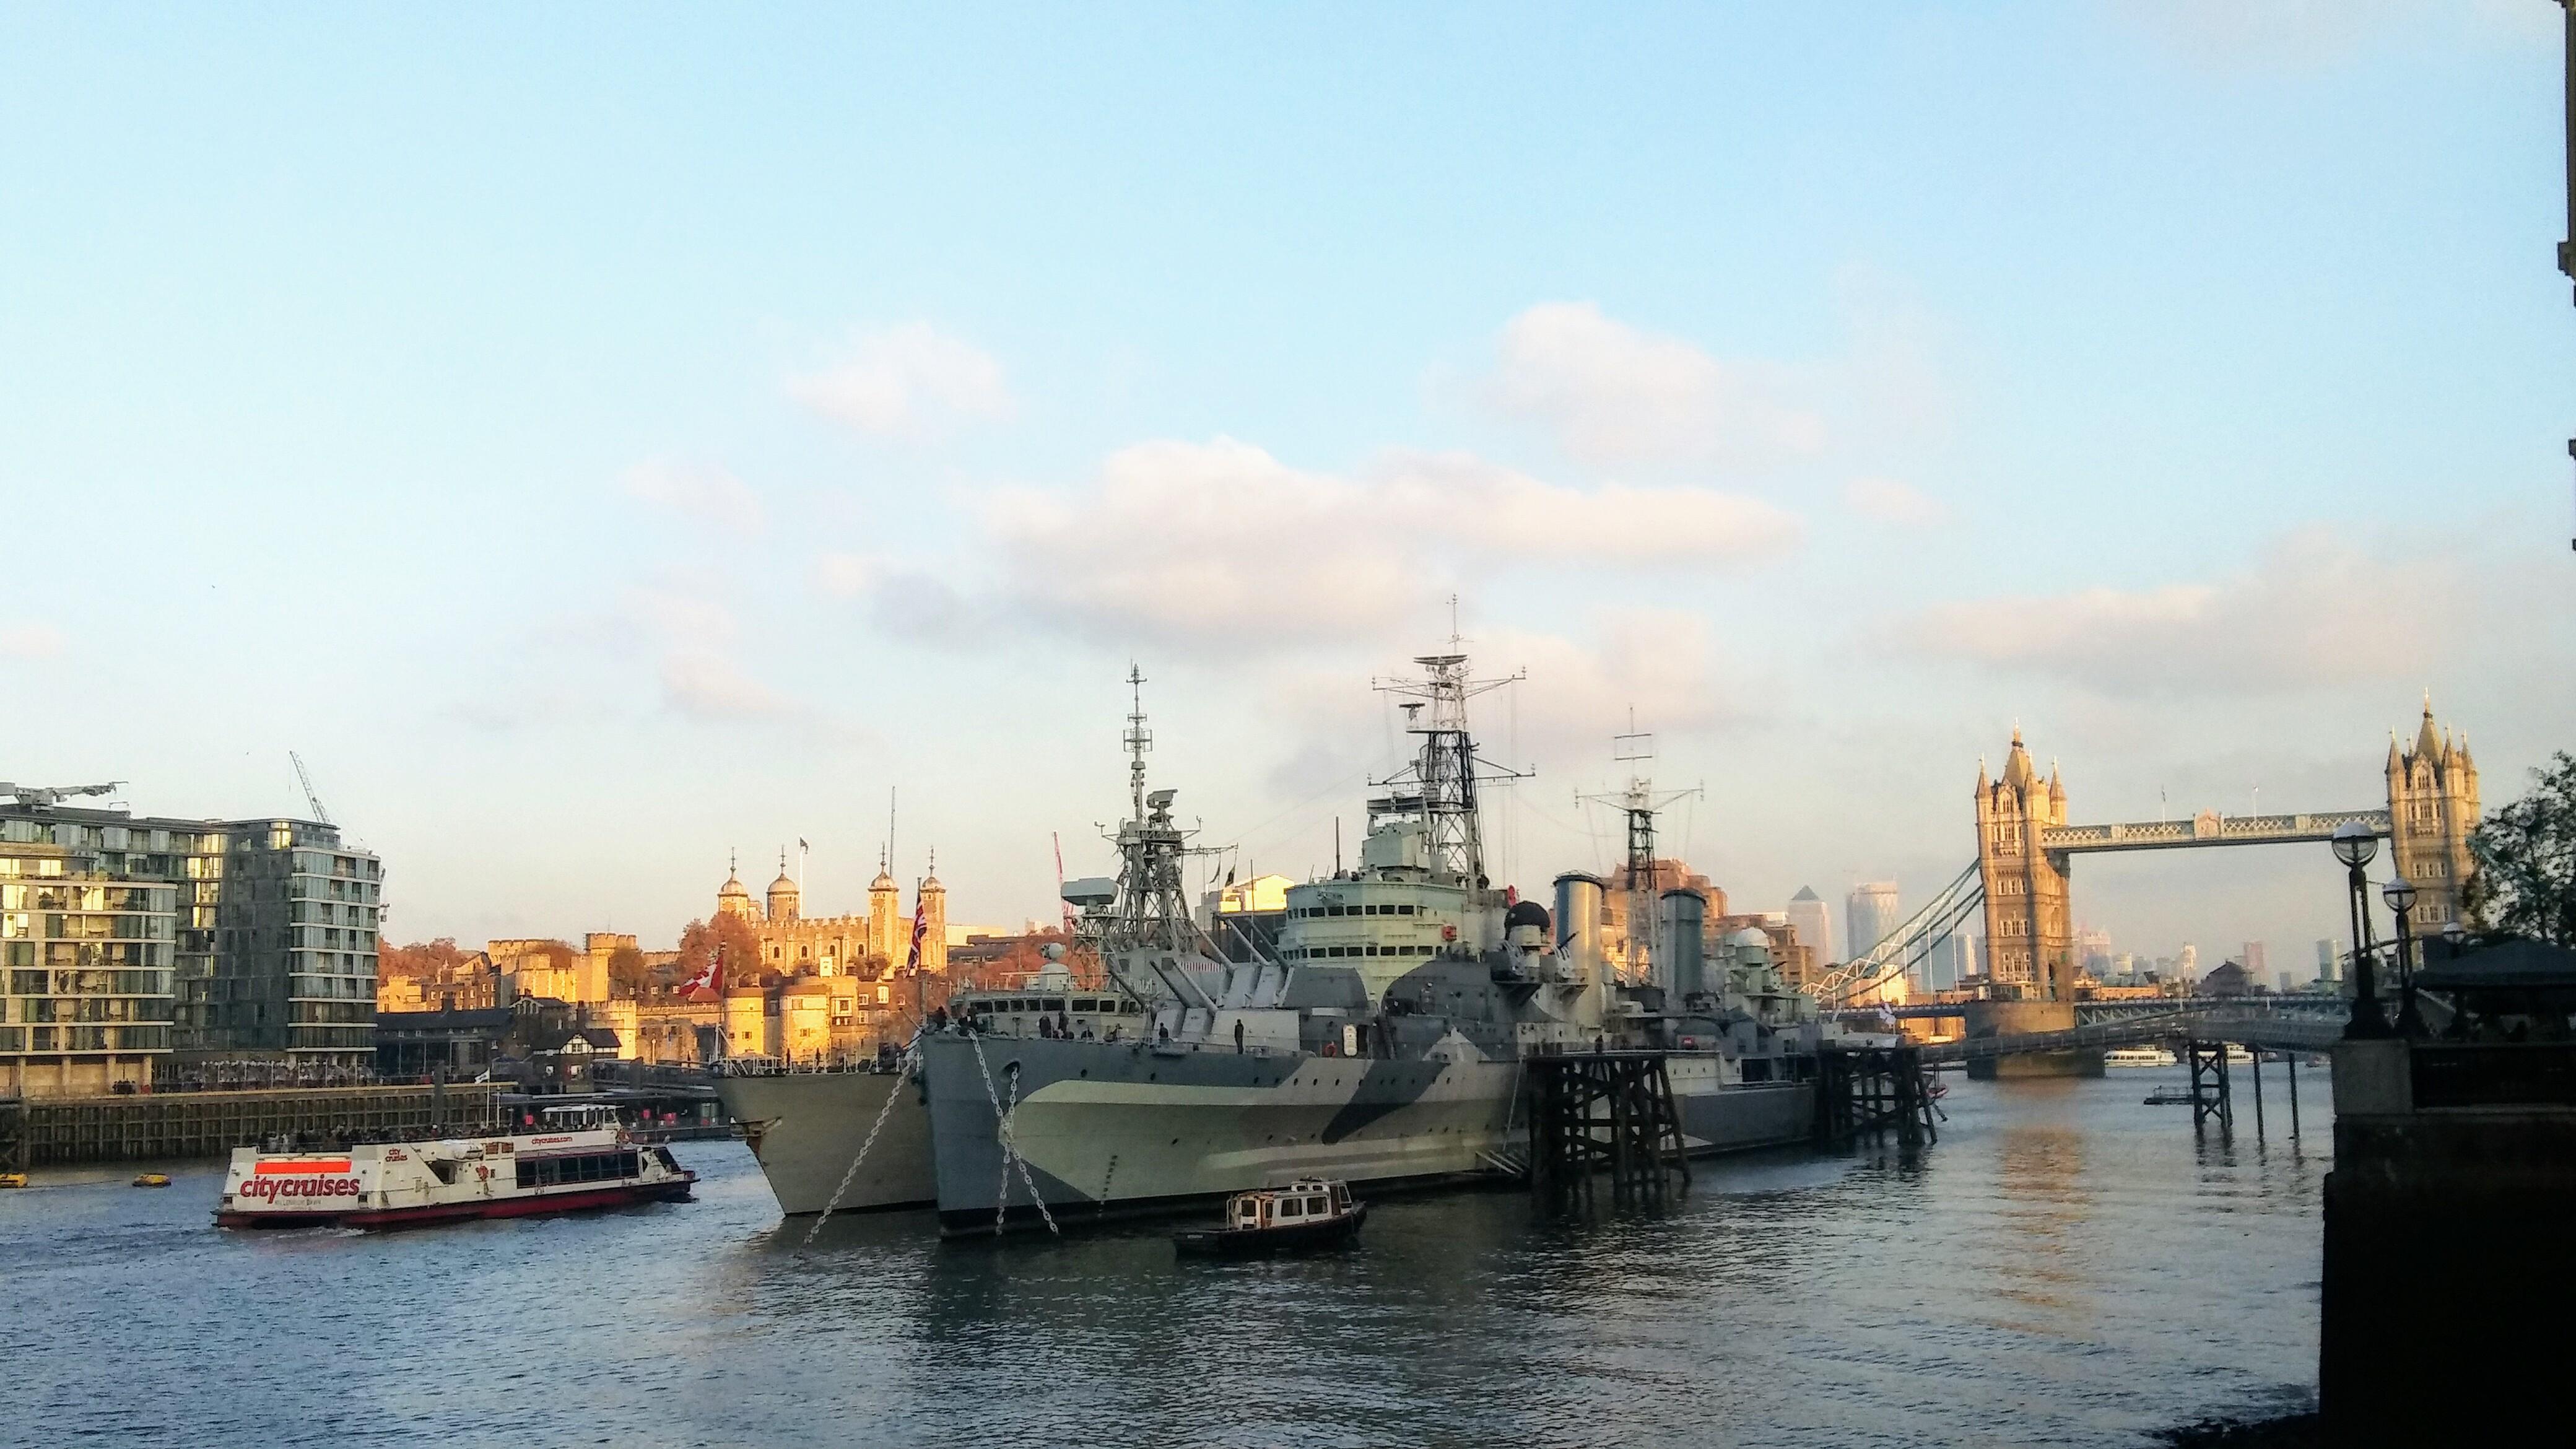 Tower of London, London Bridge i niszczyciel królewski na Tamizie